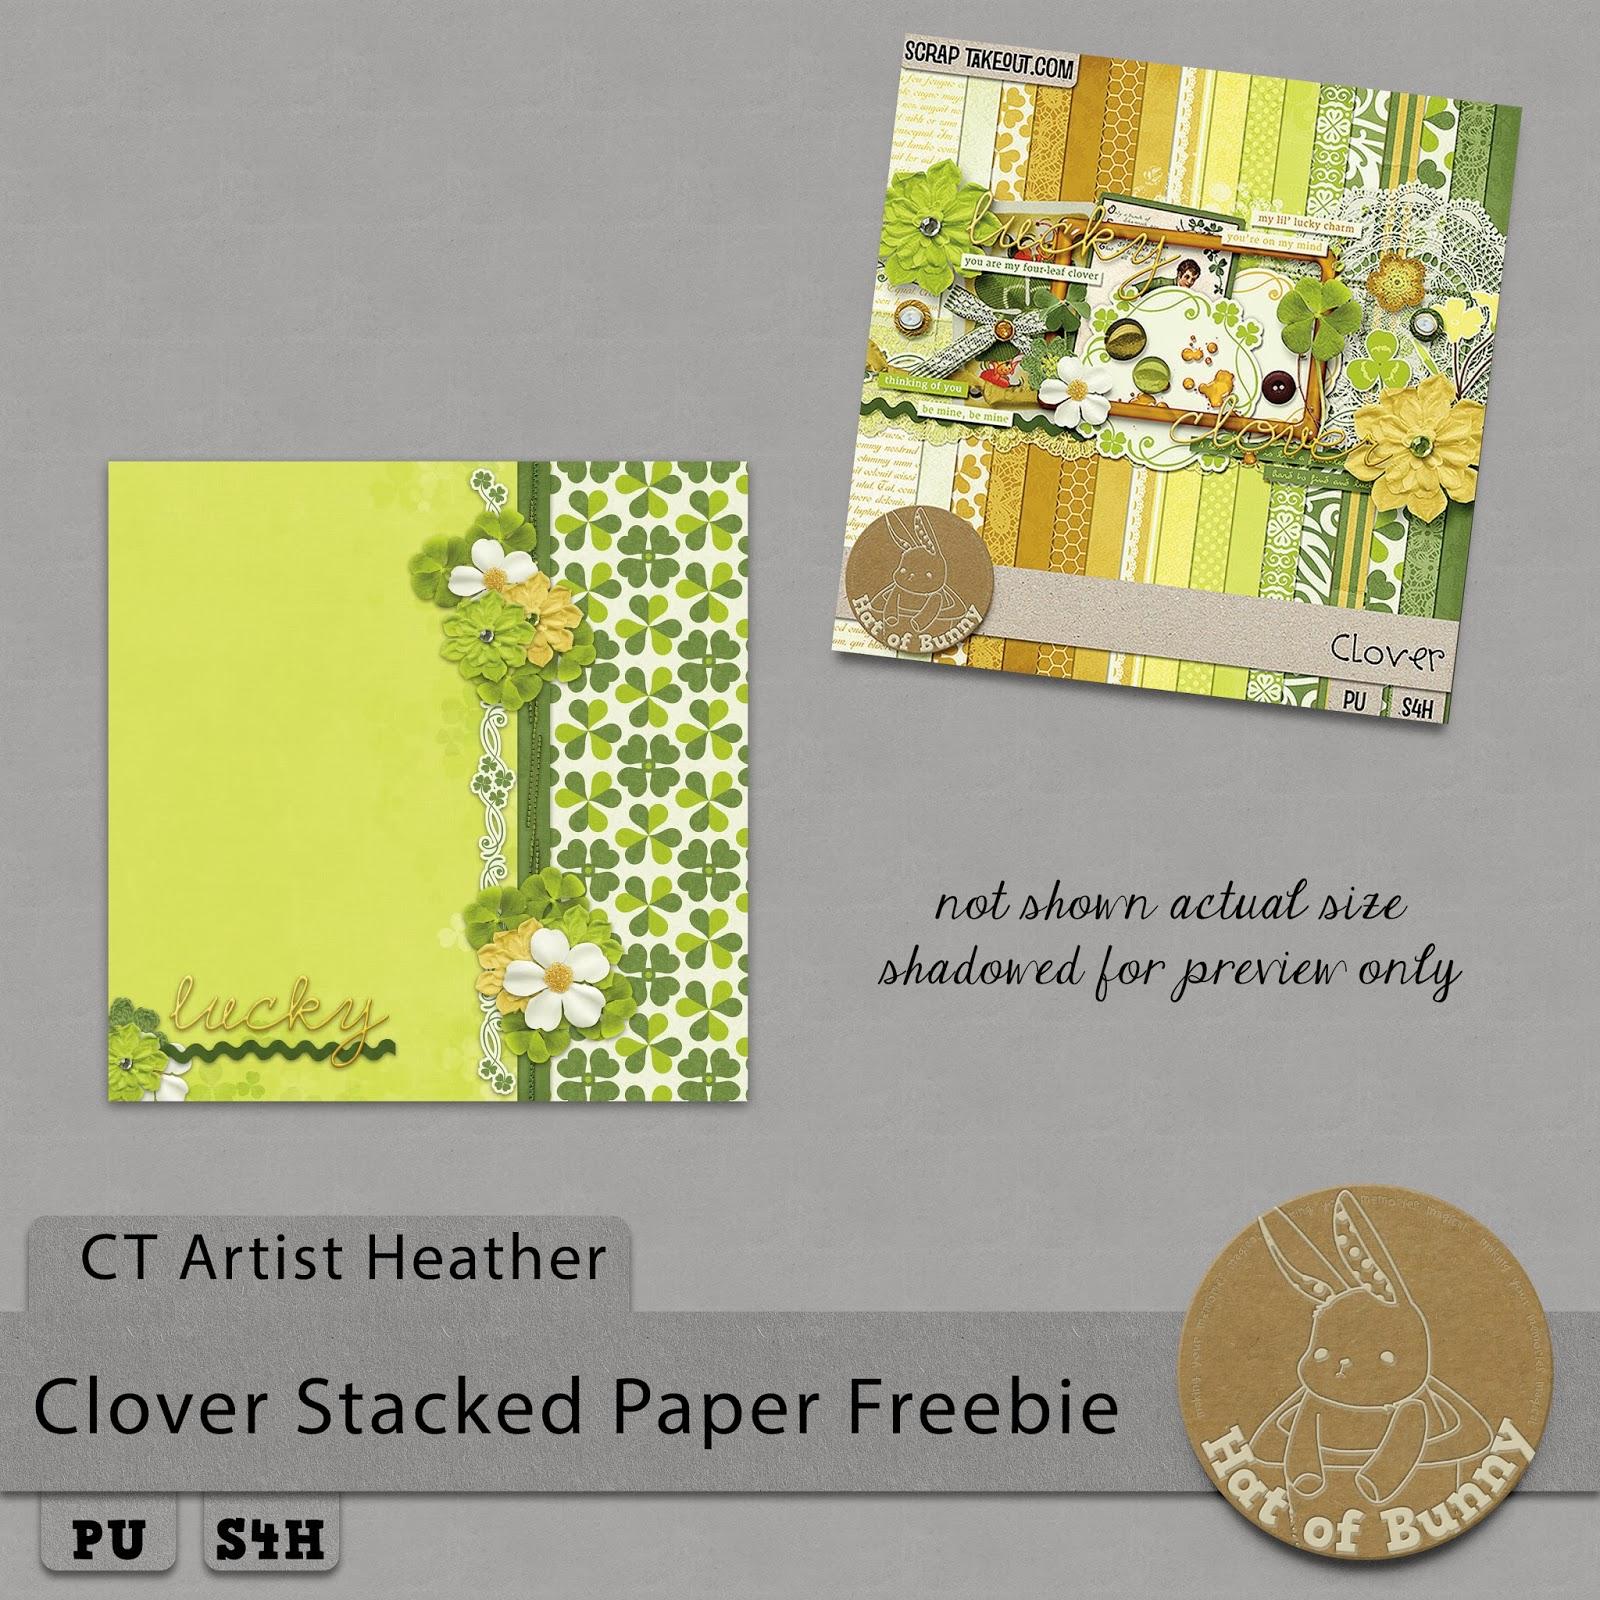 http://www.mediafire.com/download/bzchyyka9aa8llj/Clover_Freebie.zip